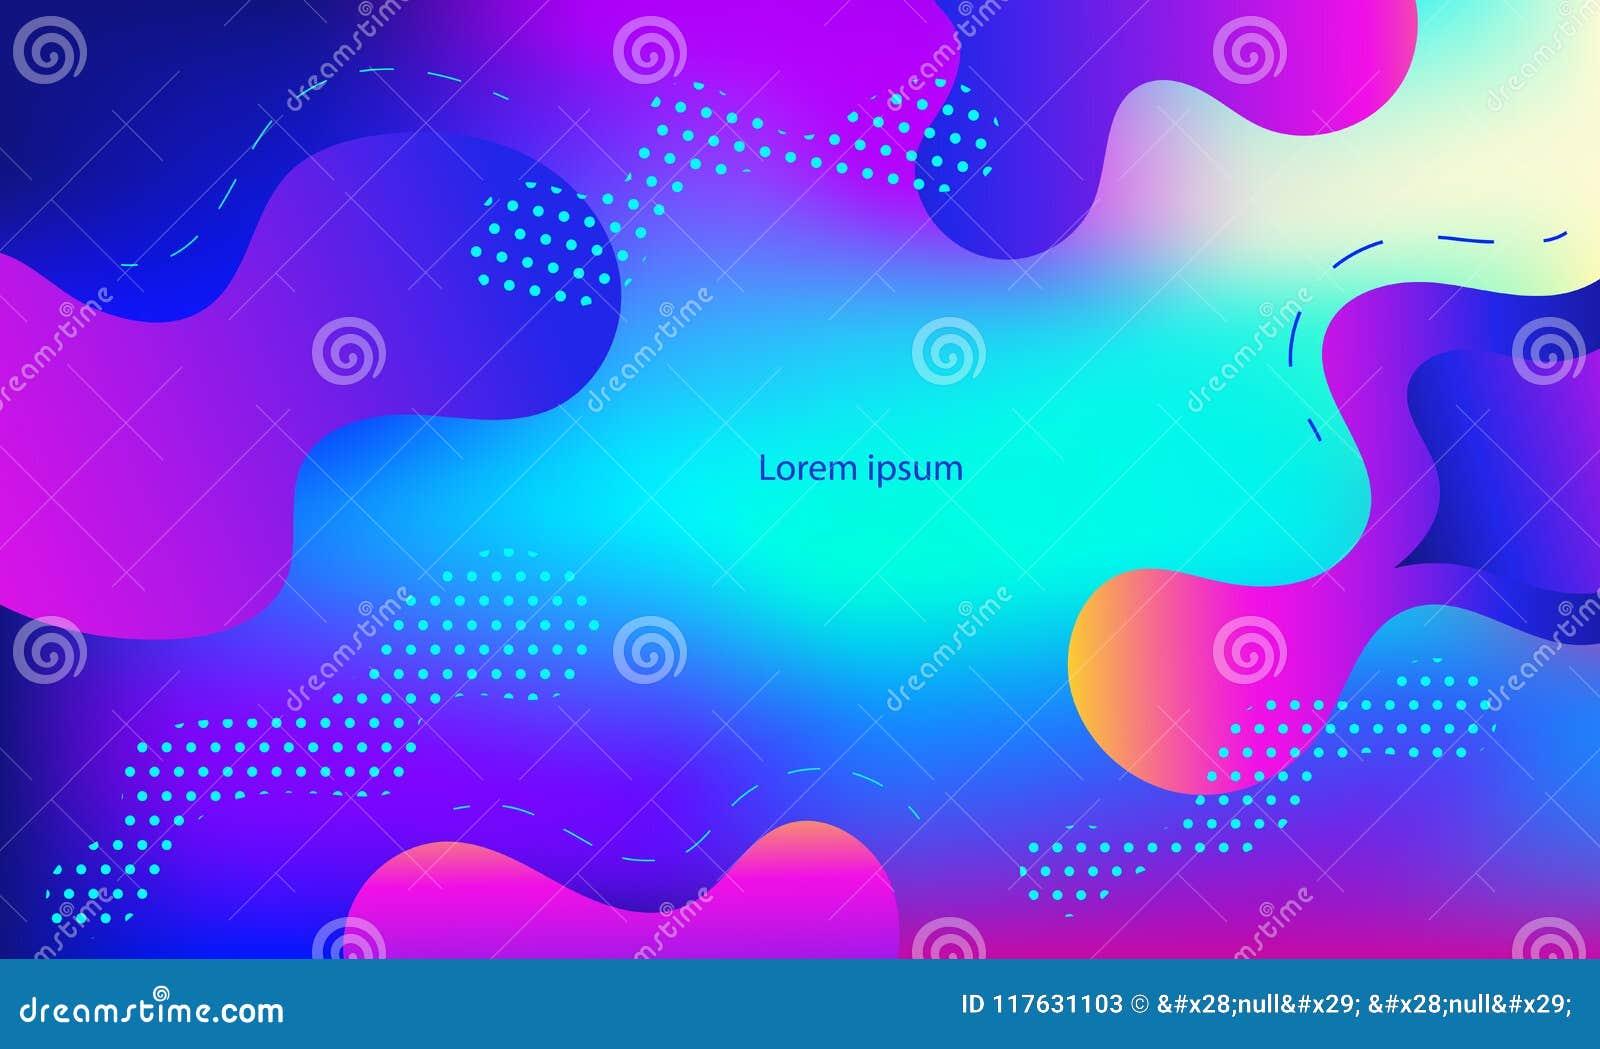 Cubierta geométrica La pendiente forma la composición Color azul de neón moderno fresco Formas flúidas abstractas Cartel líquido